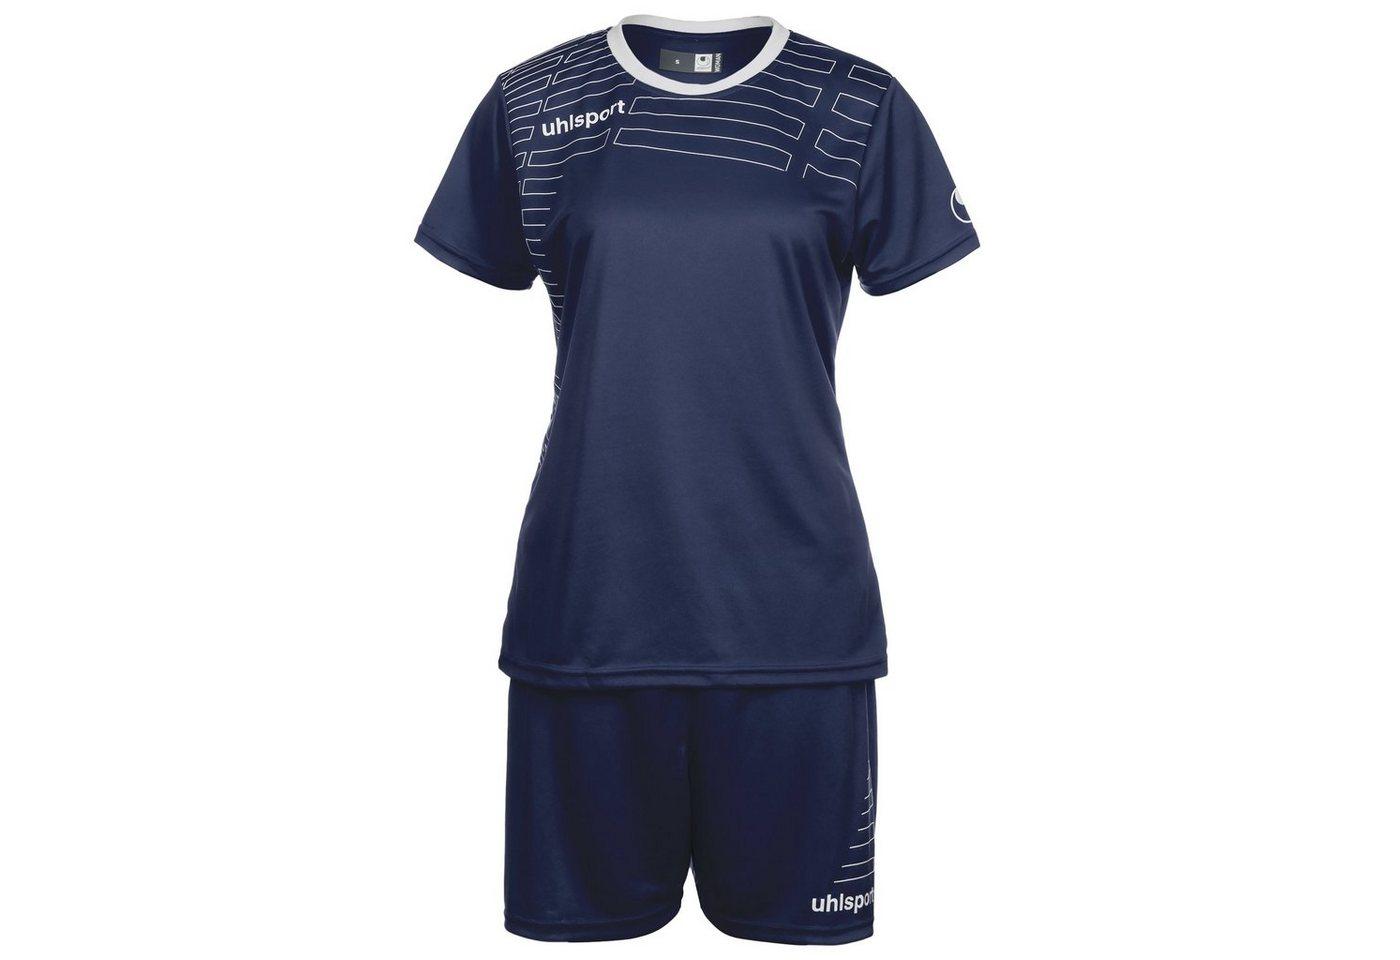 Uhlsport Match Team Kit Shortsleeve Damen   Sportbekleidung > Sporthosen > Sportshorts   Blau   Uhlsport